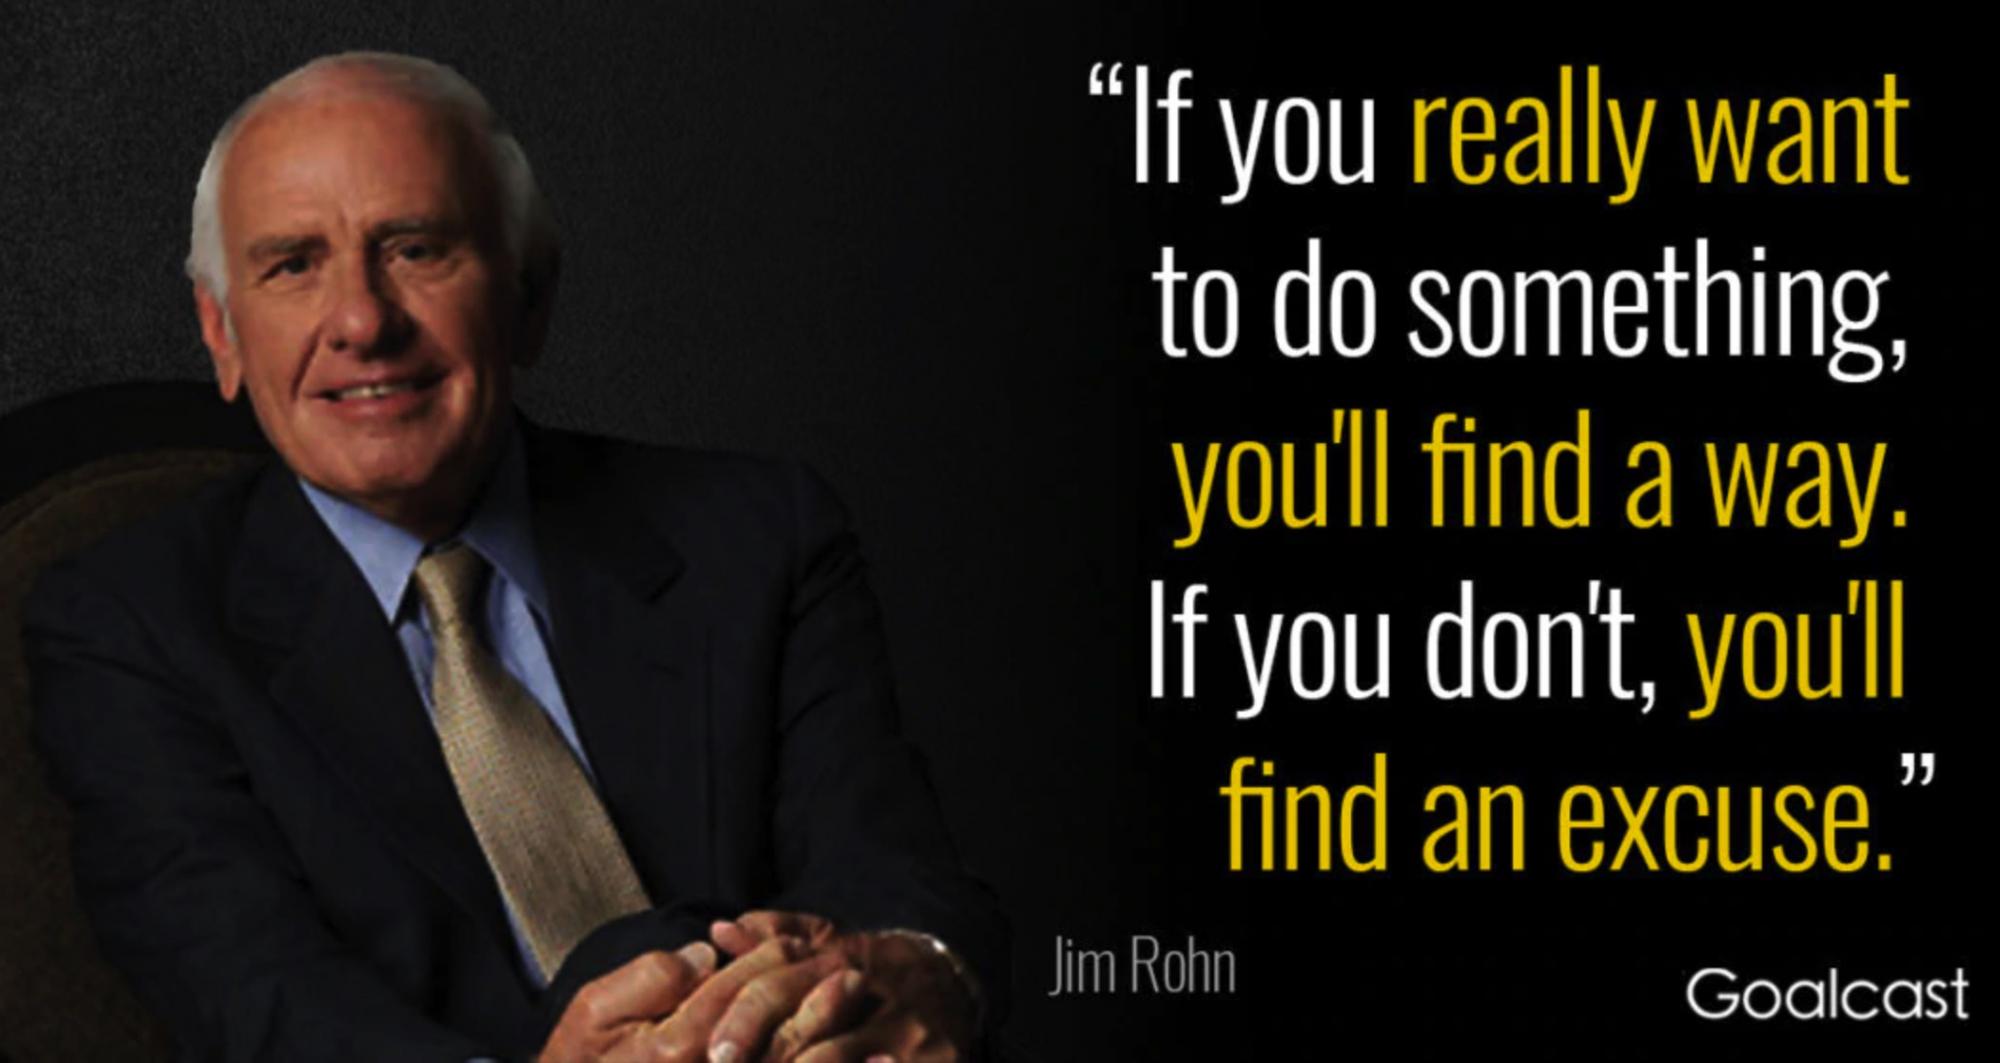 50 CÂU NÓI của Jim Rohn sẽ giúp bạn HÀNH ĐỘNG NHANH HƠN, HẠNH PHÚC NHIỀU HƠN